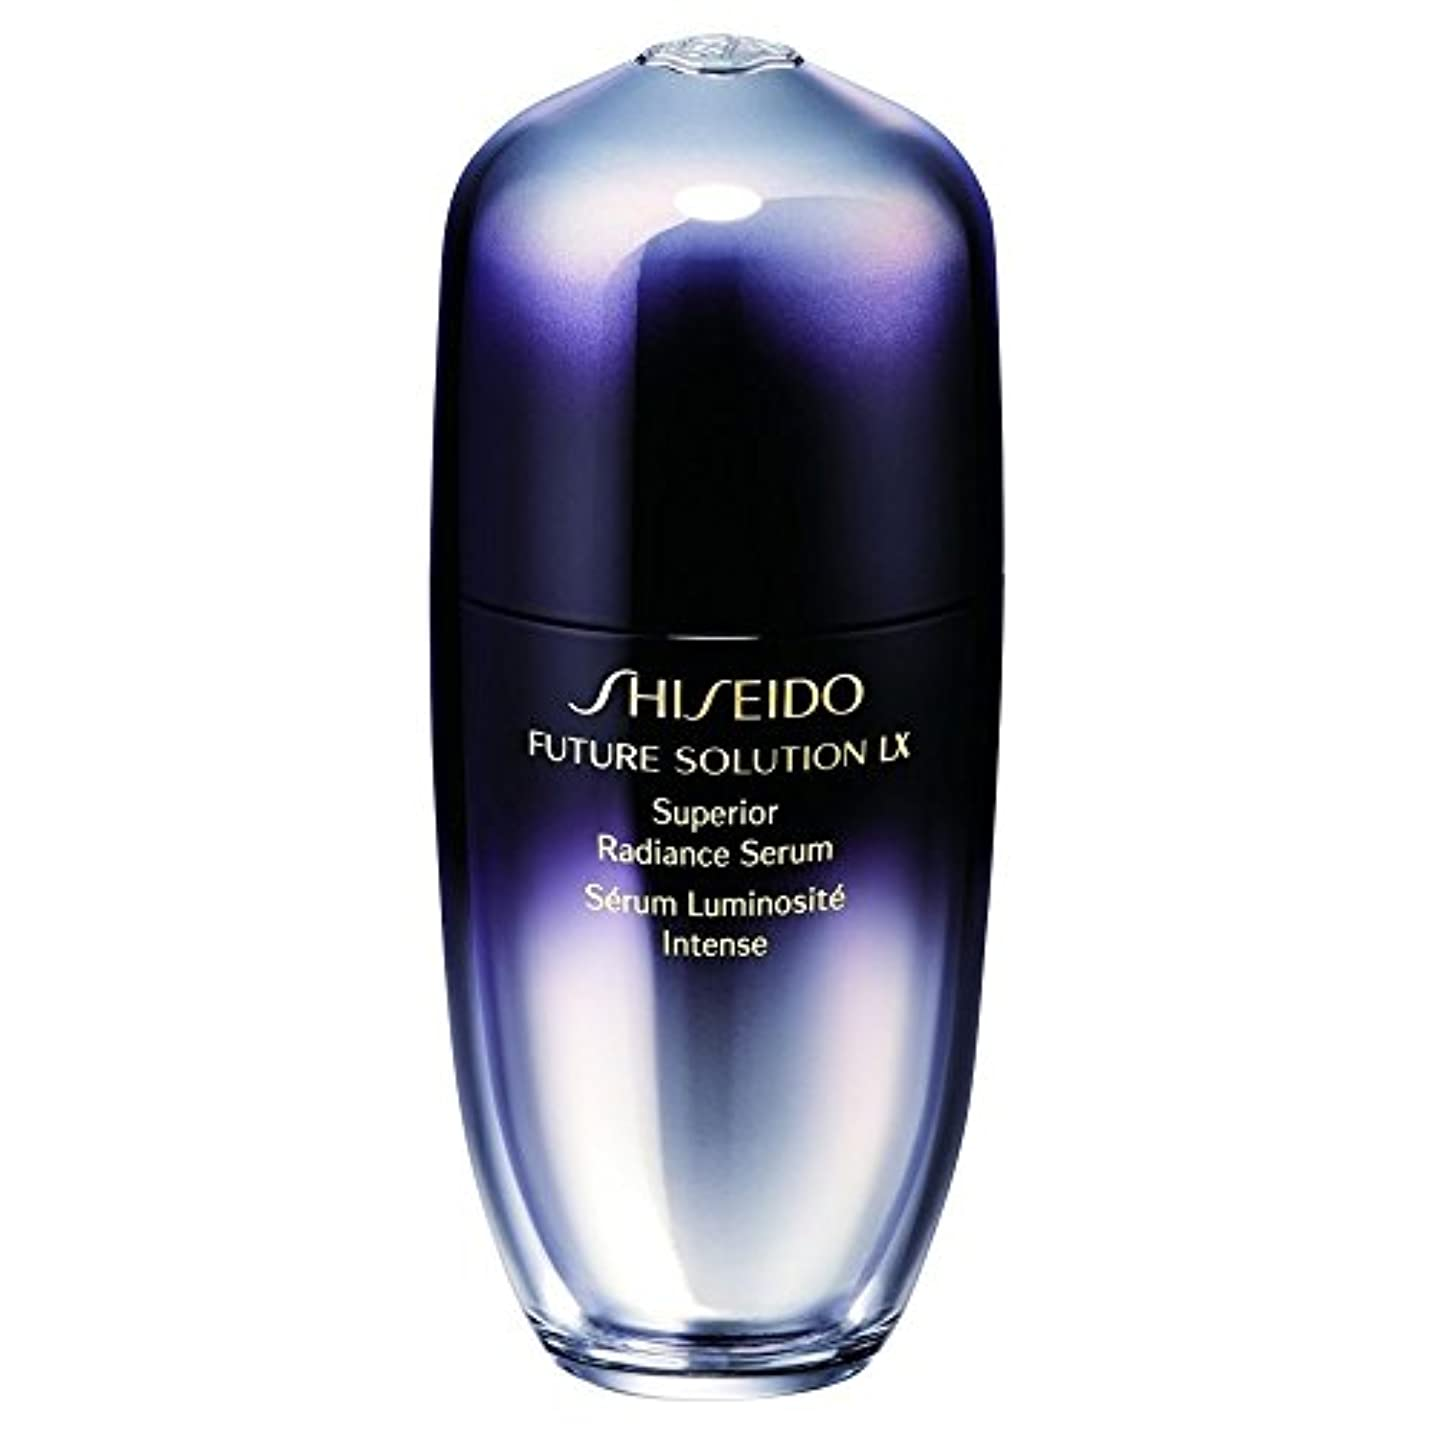 古くなった浅い急降下[Shiseido] 資生堂フューチャーソリューションLx優れた放射輝度セラム30Ml - Shiseido Future Solution Lx Superior Radiance Serum 30ml [並行輸入品]